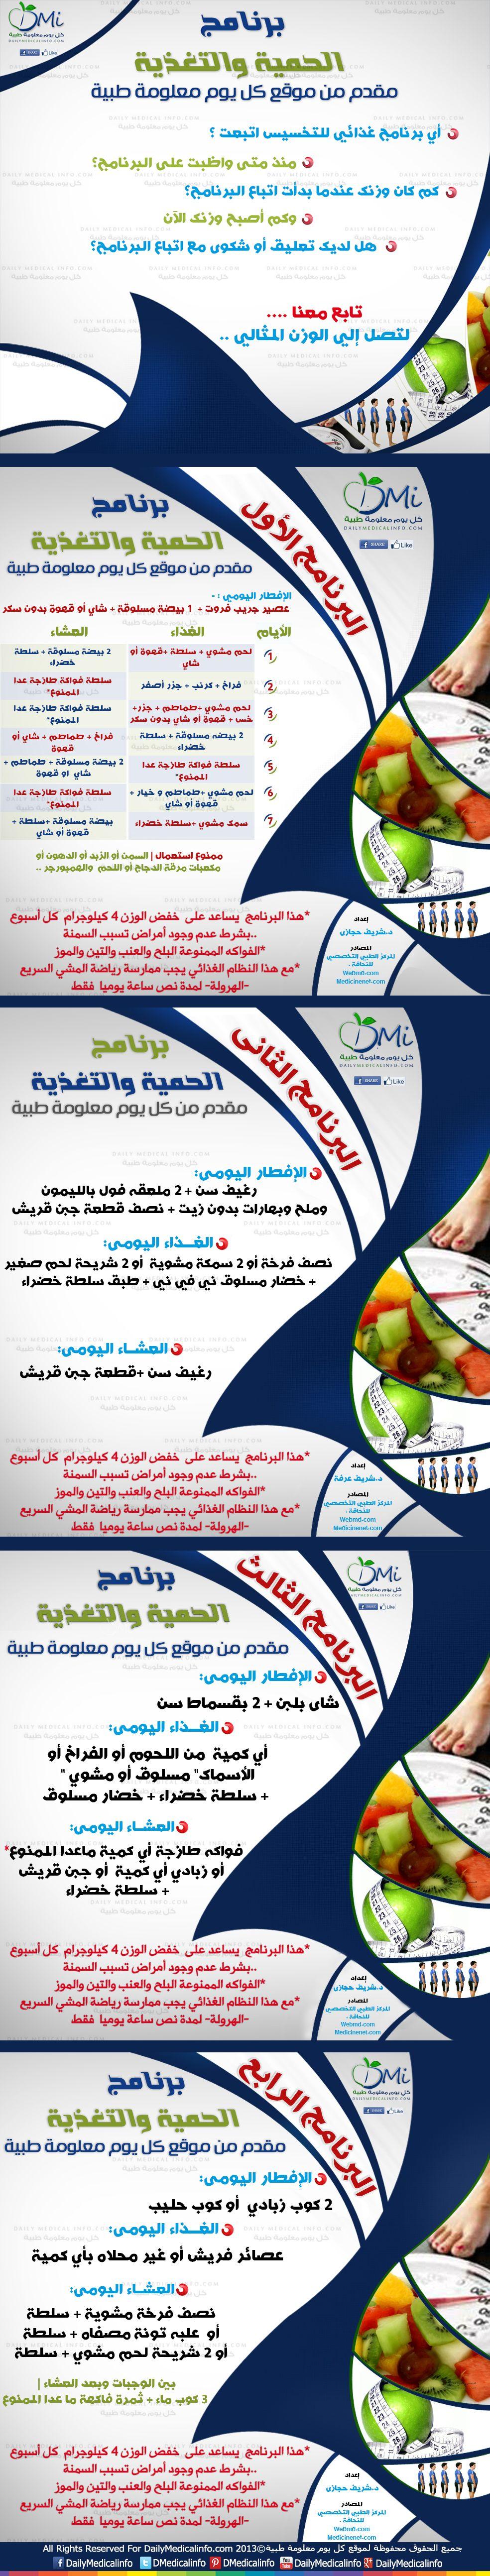 انفوجرافيك برامج الحمية والتغذية لإنقاص الوزن انفوجرافيك طبية كل يوم معلومة طبية Health Fitness Nutrition Healty Diet Health Diet